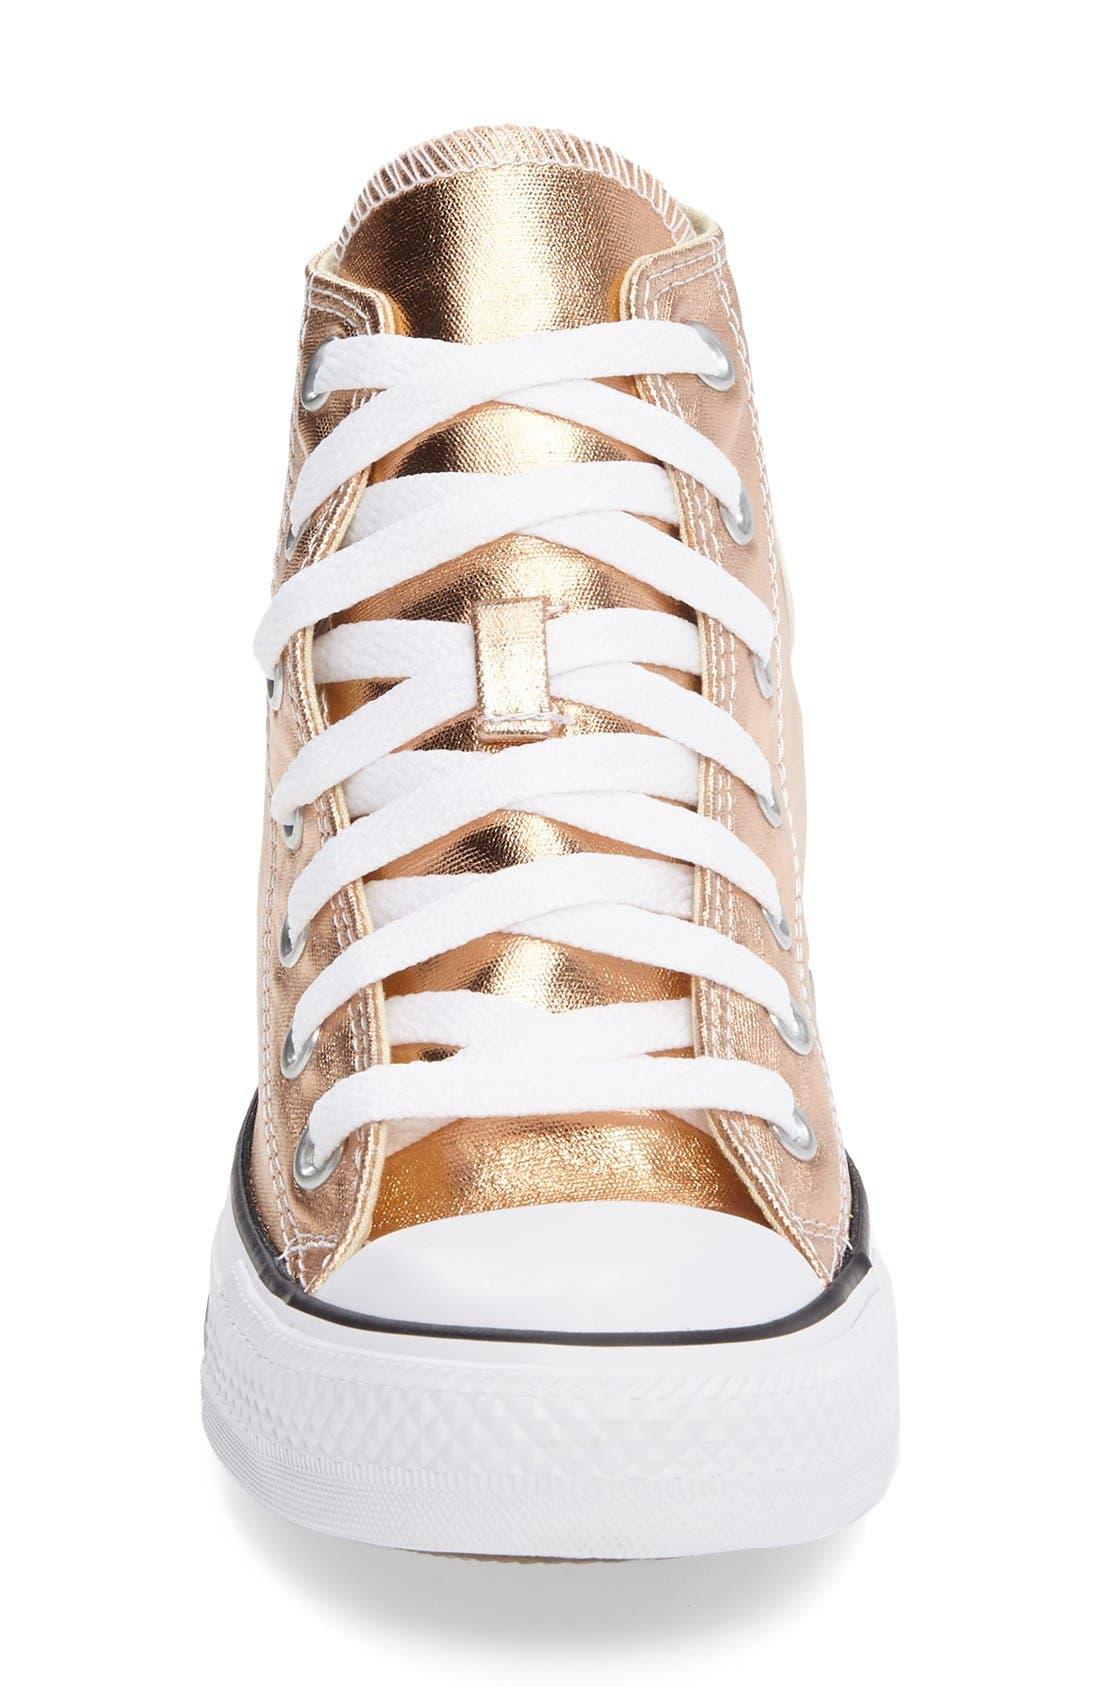 Alternate Image 3  - Converse Chuck Taylor® All Star® Metallic High Top Sneaker (Women)